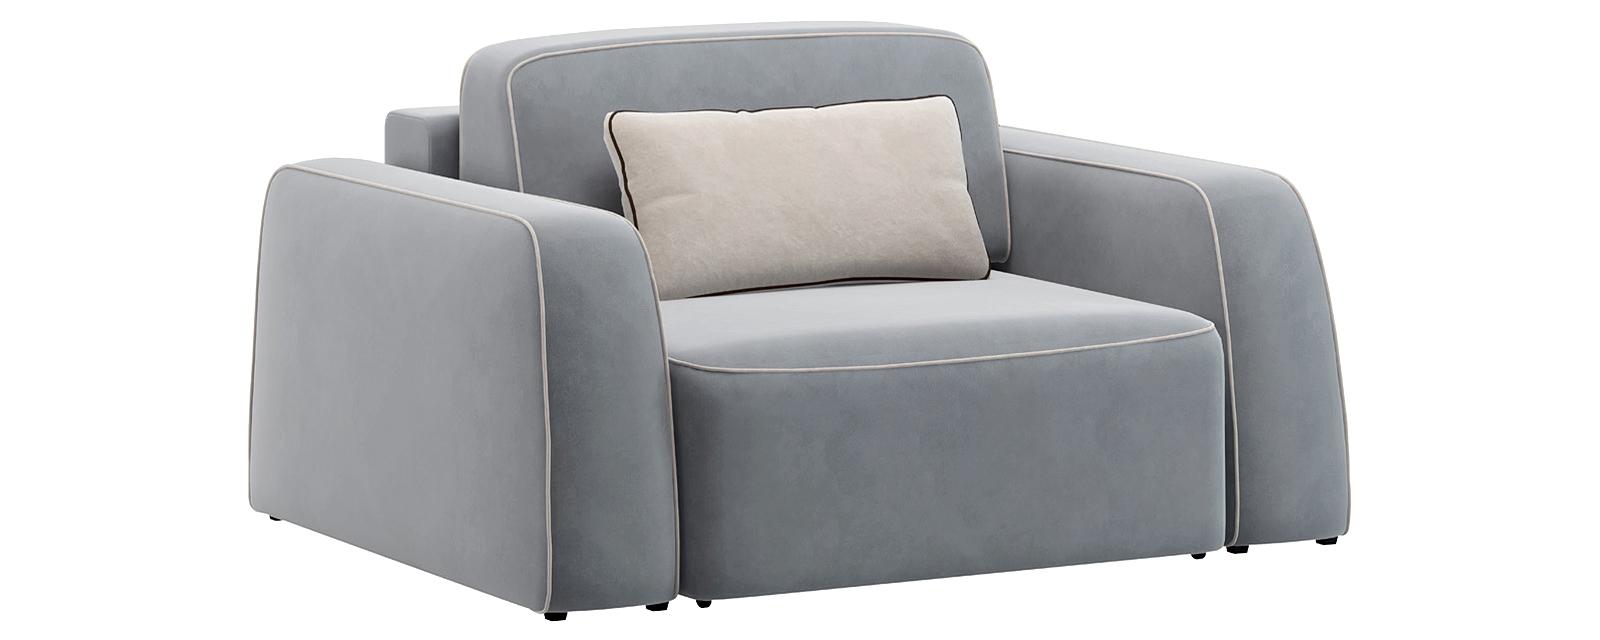 Кресло тканевое Портленд 100 см Velutto серый/бежевый (Велюр) Портленд